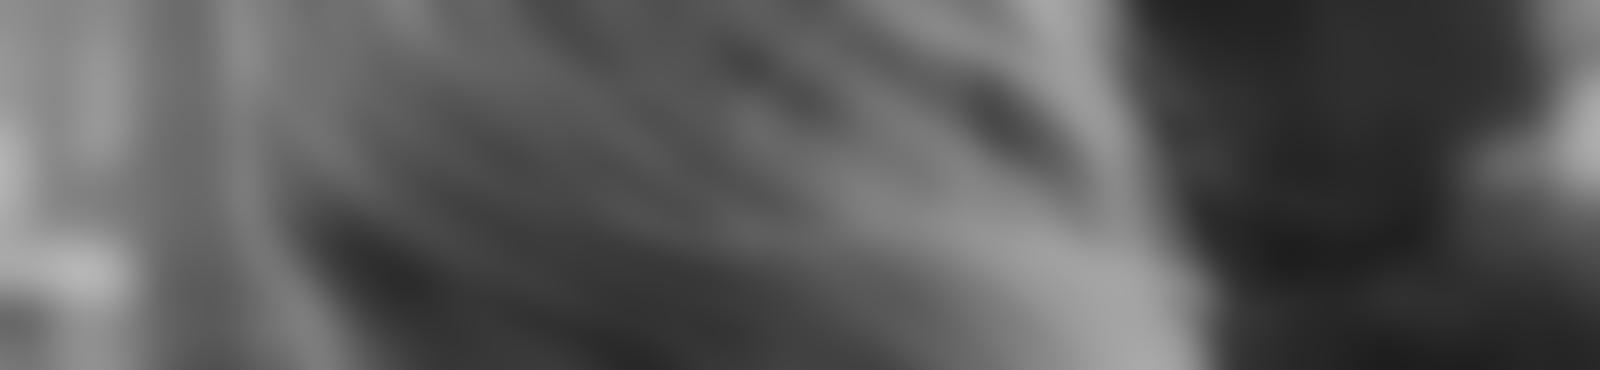 Blurred 3b060938 b686 4faf 98e4 7ad5812e522d